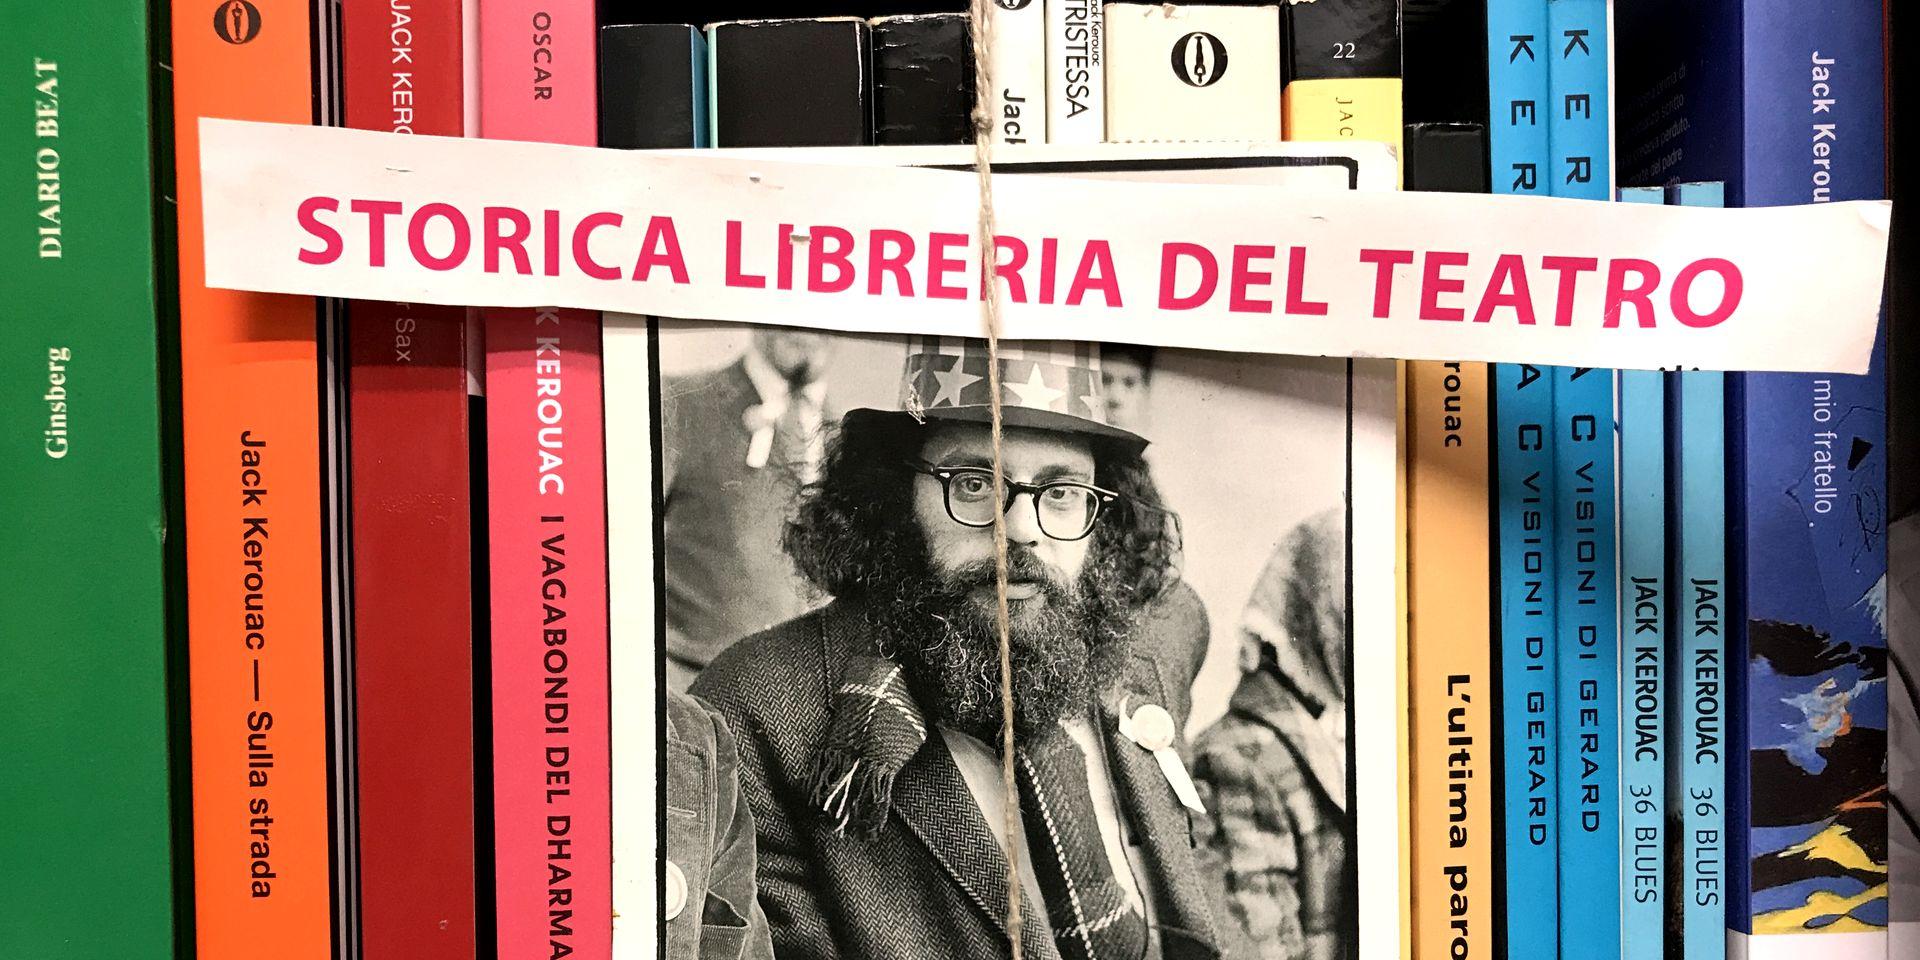 Nella Libreria del Teatro di Reggio Emilia - foto di Pierluigi Tedeschi